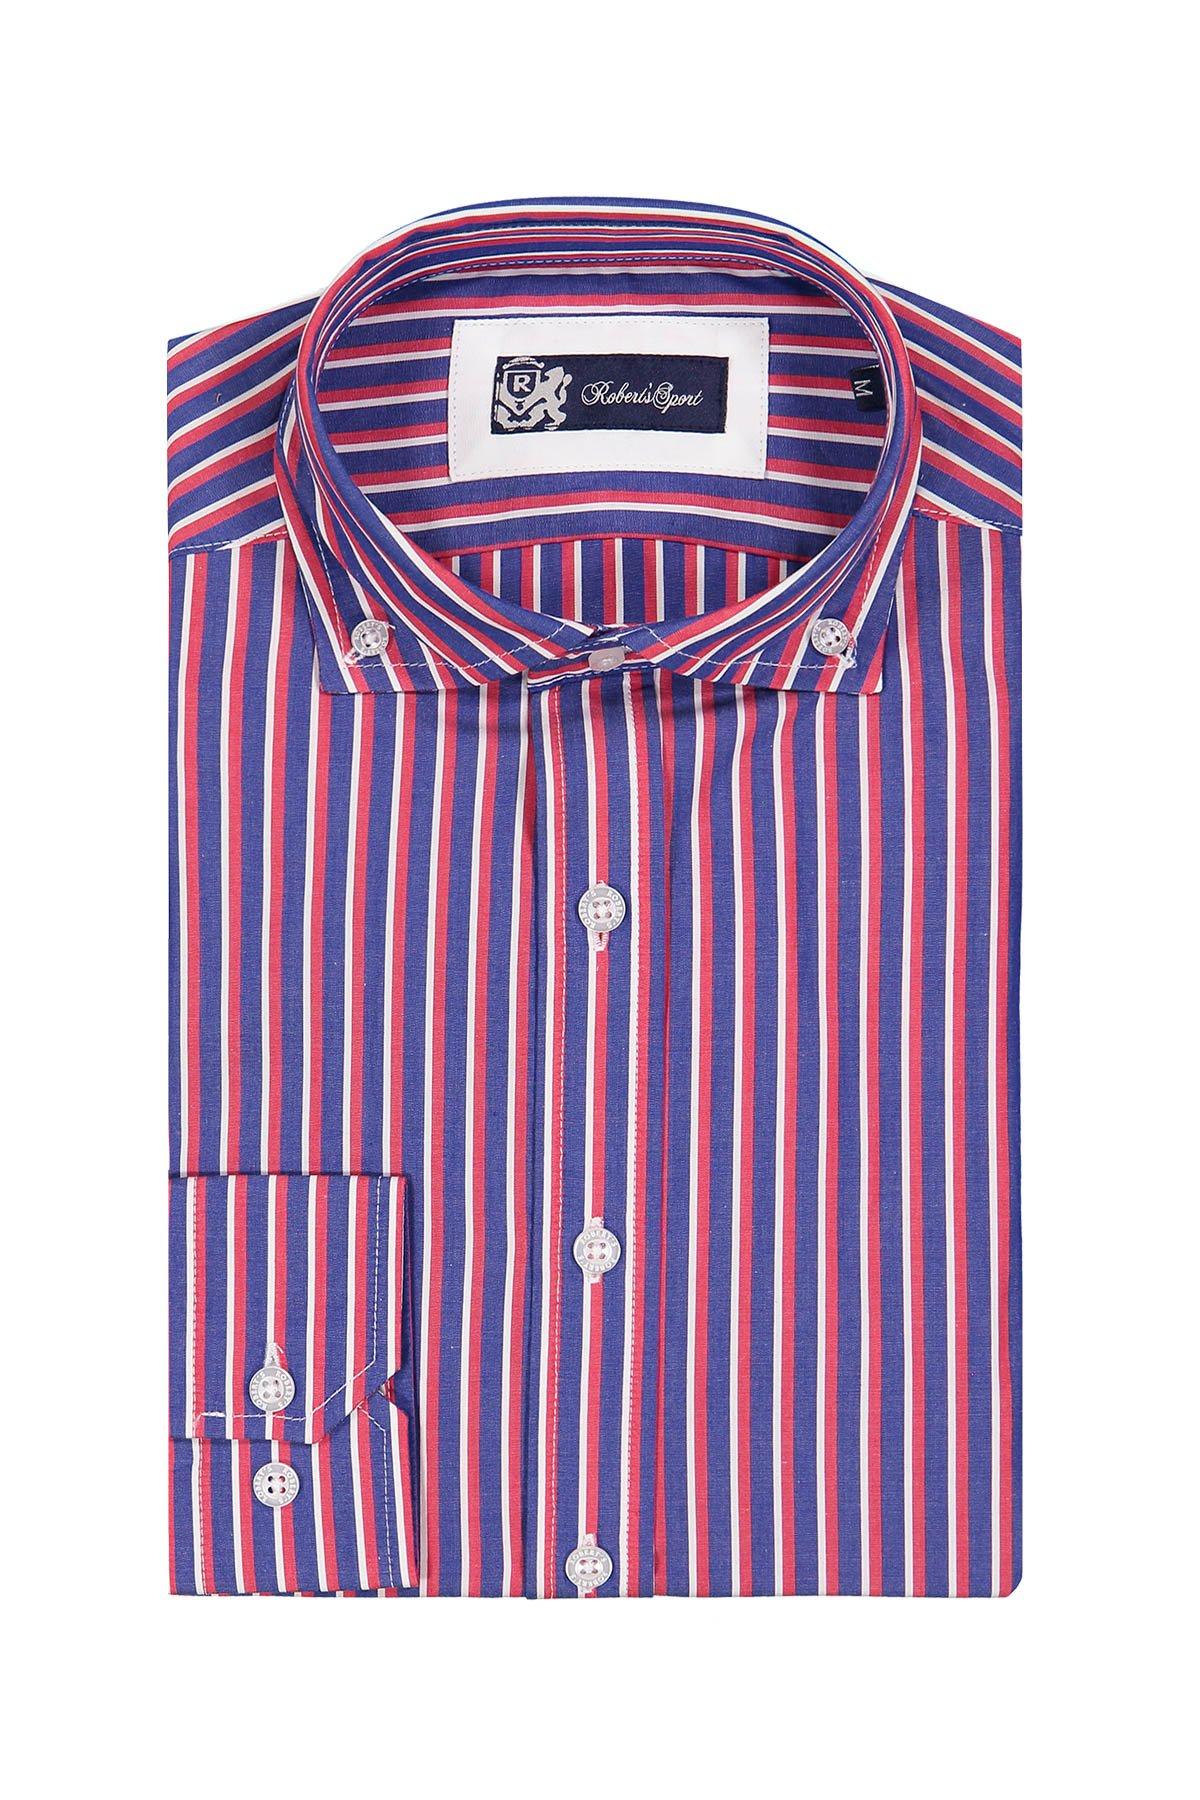 Camisa Sport Robert´s, rayada azul, rojo y blanco, cuello botón down.